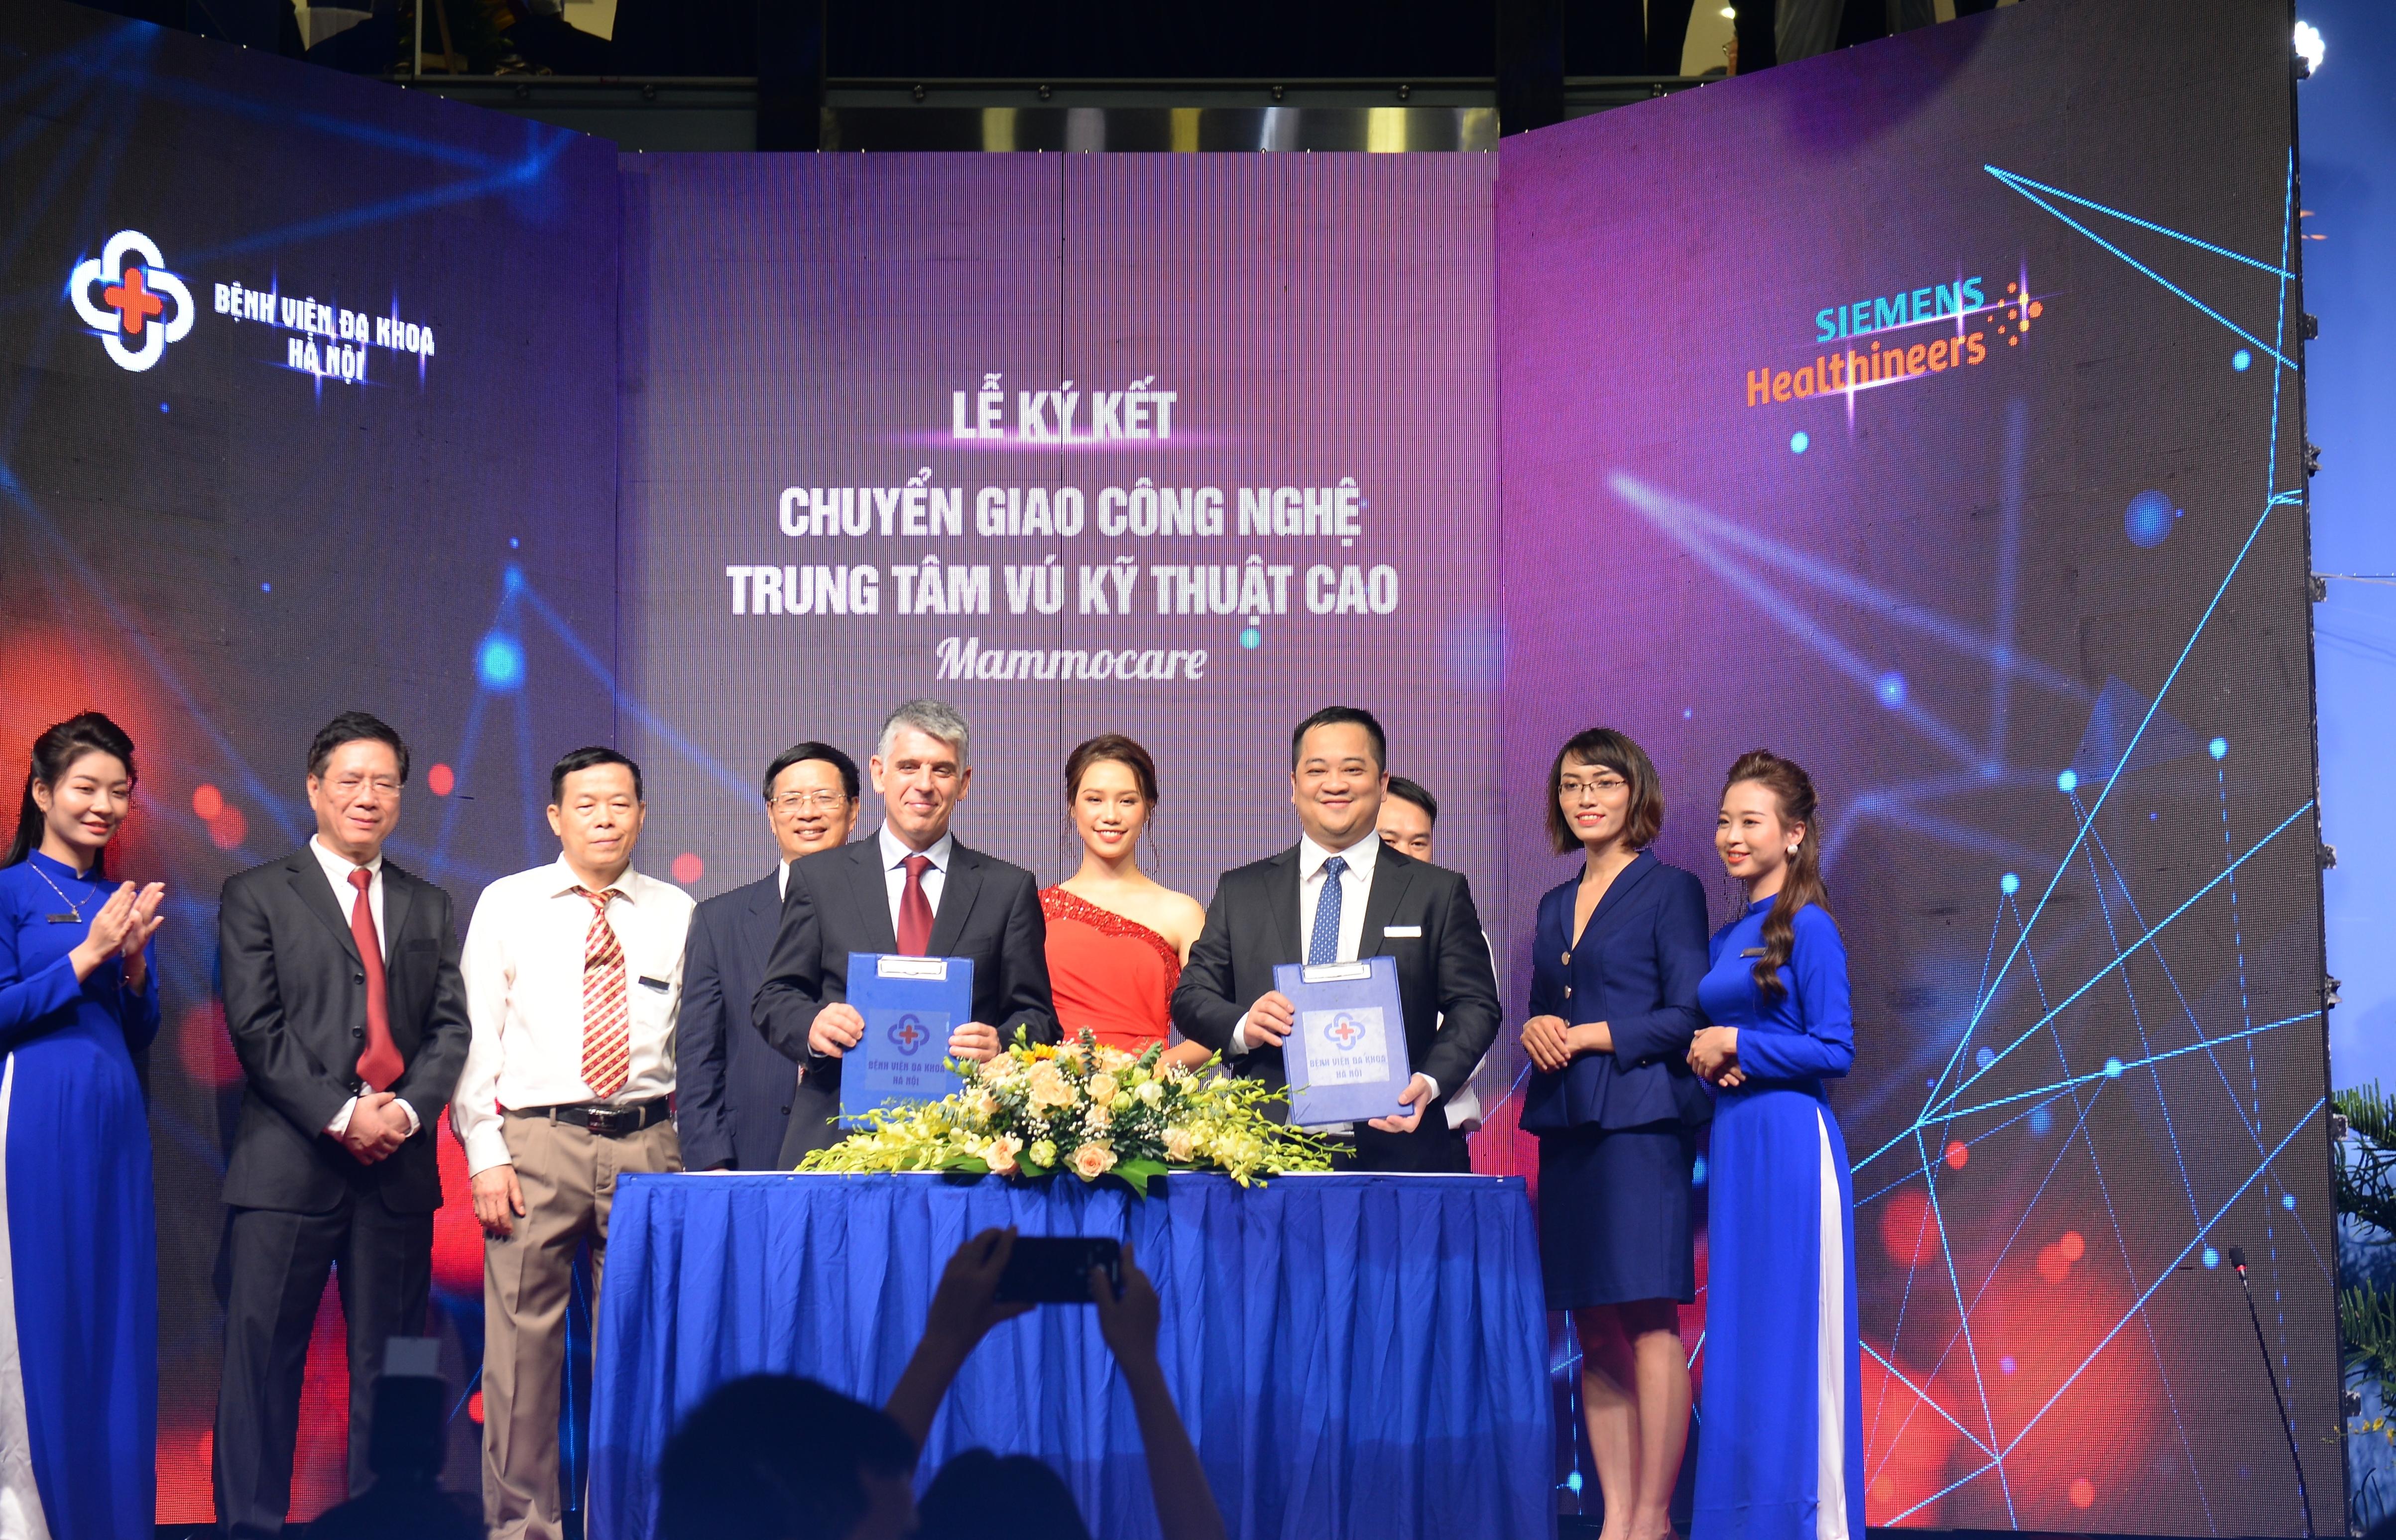 BV Đa khoa Hà Nội ra mắt hệ thống Trung tâm kỹ thuật cao